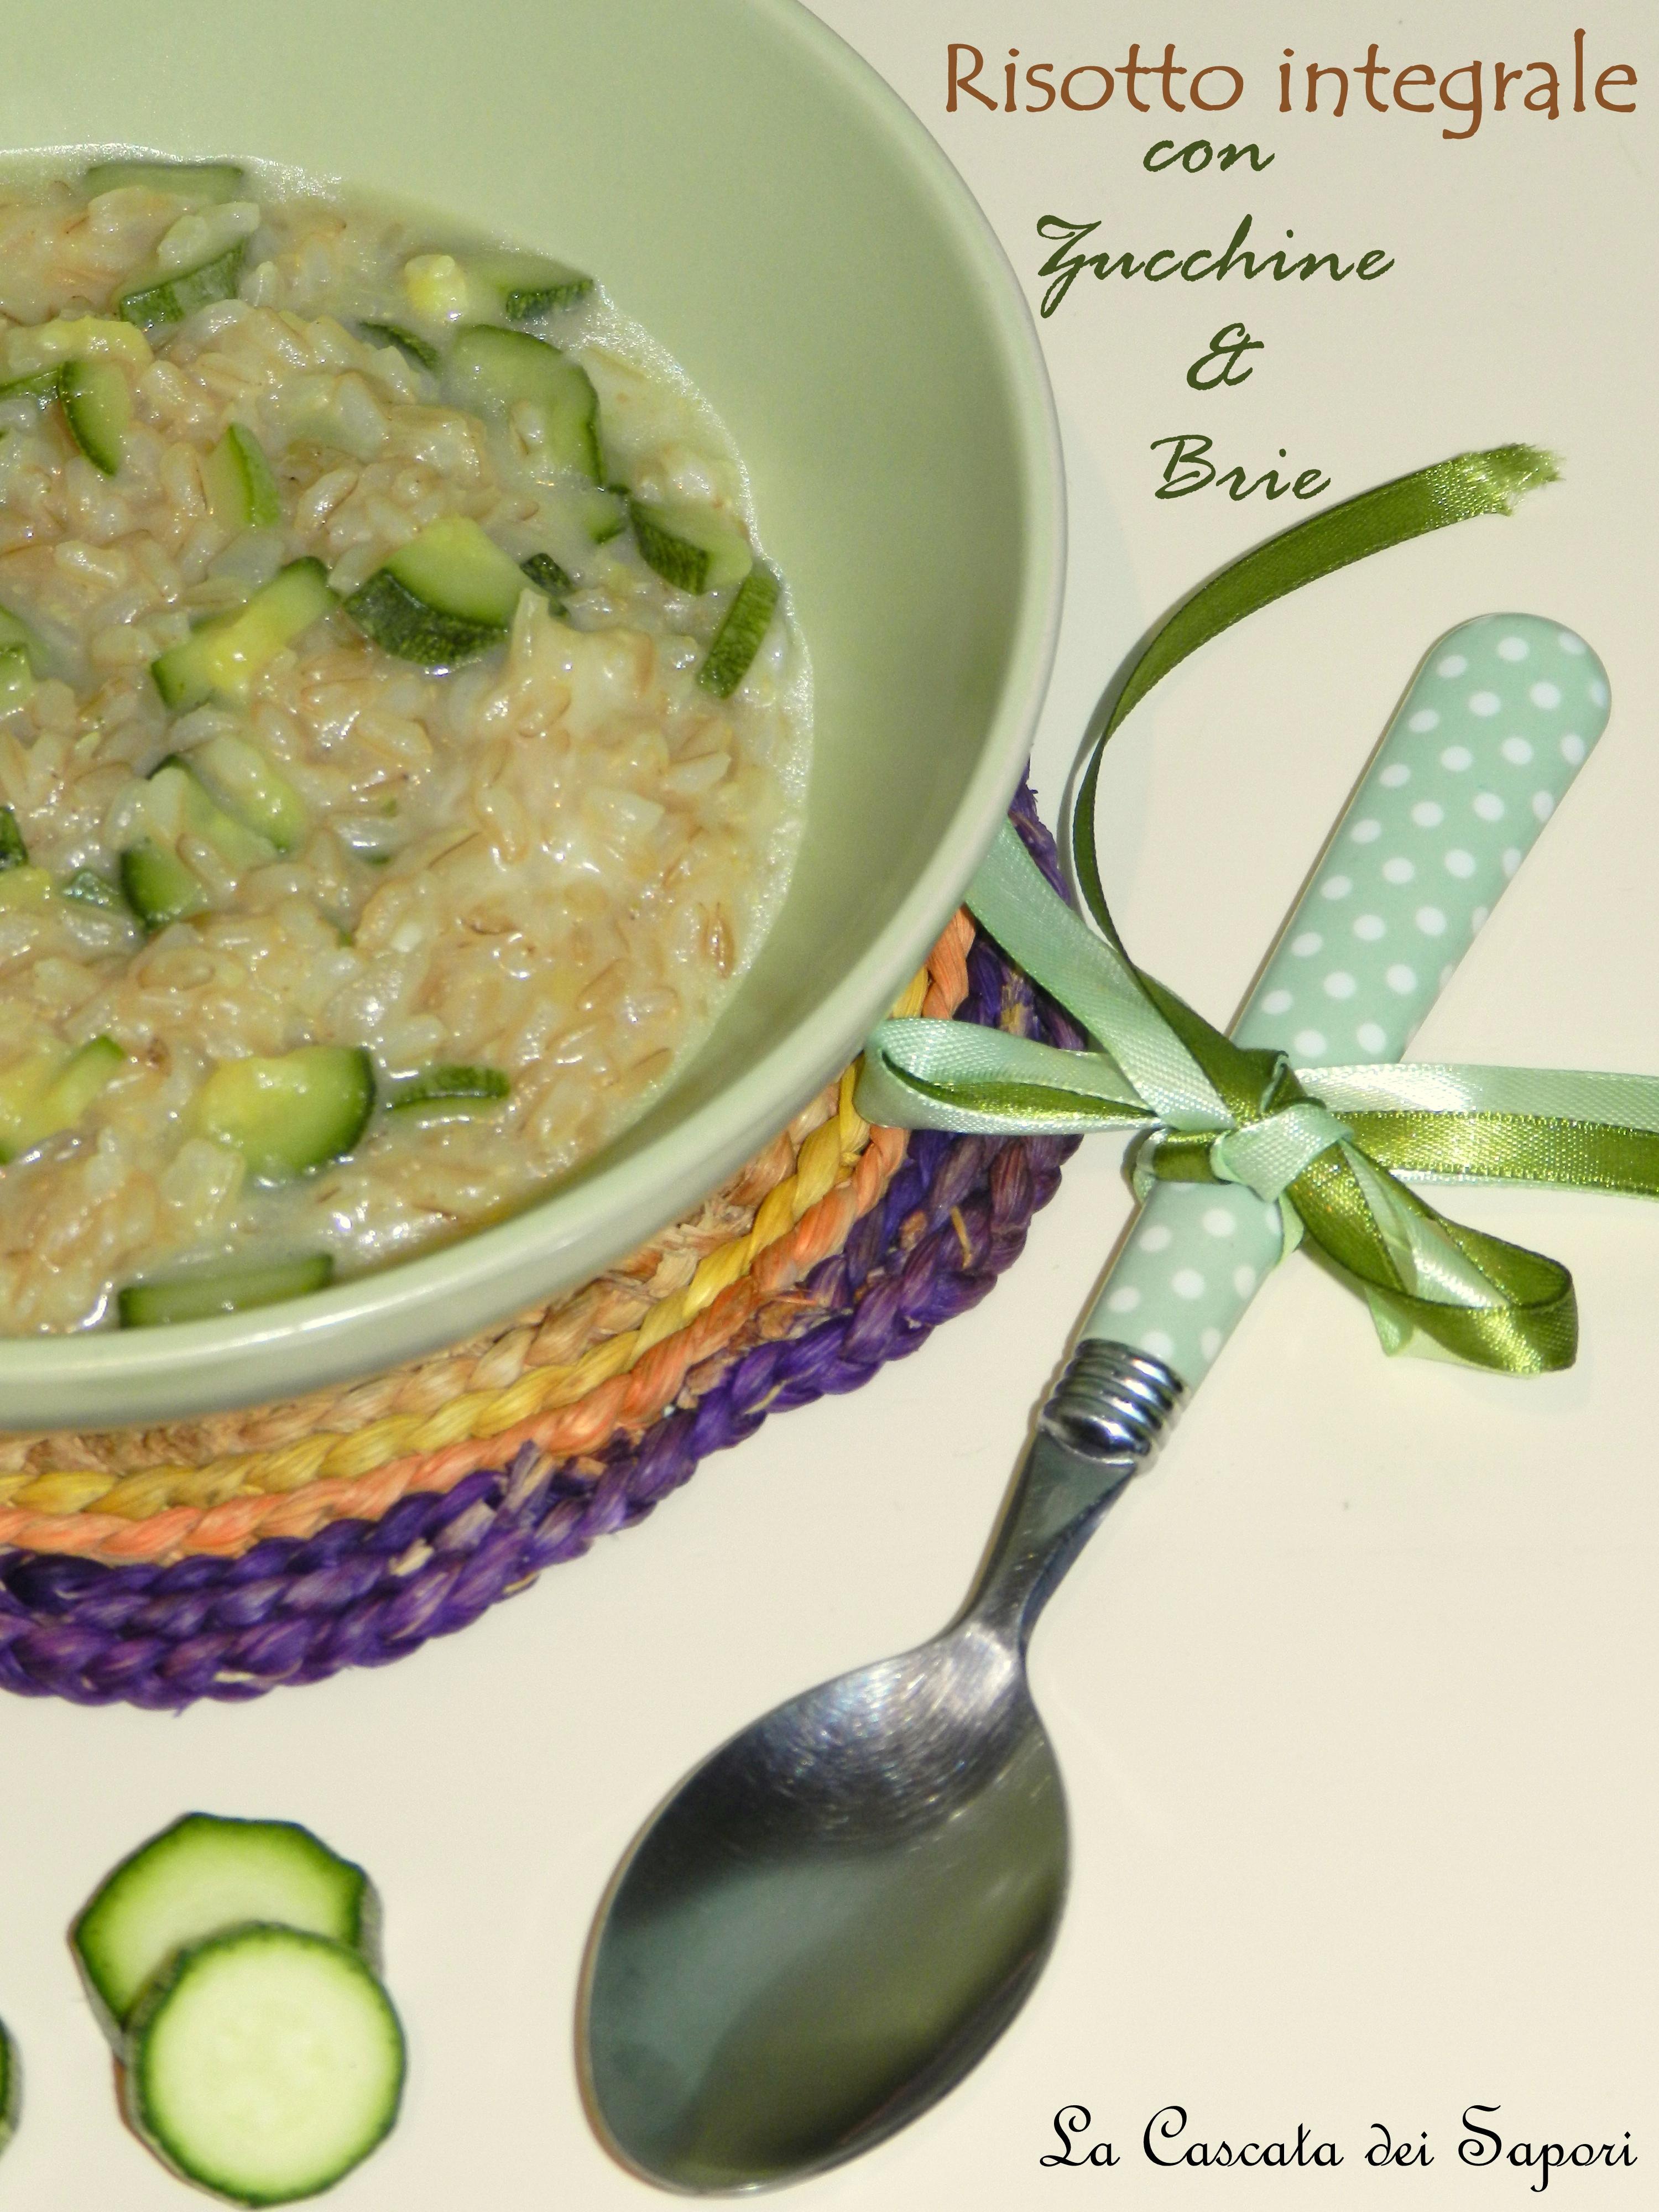 Risotto-integrale-con-zucchine-e-brie